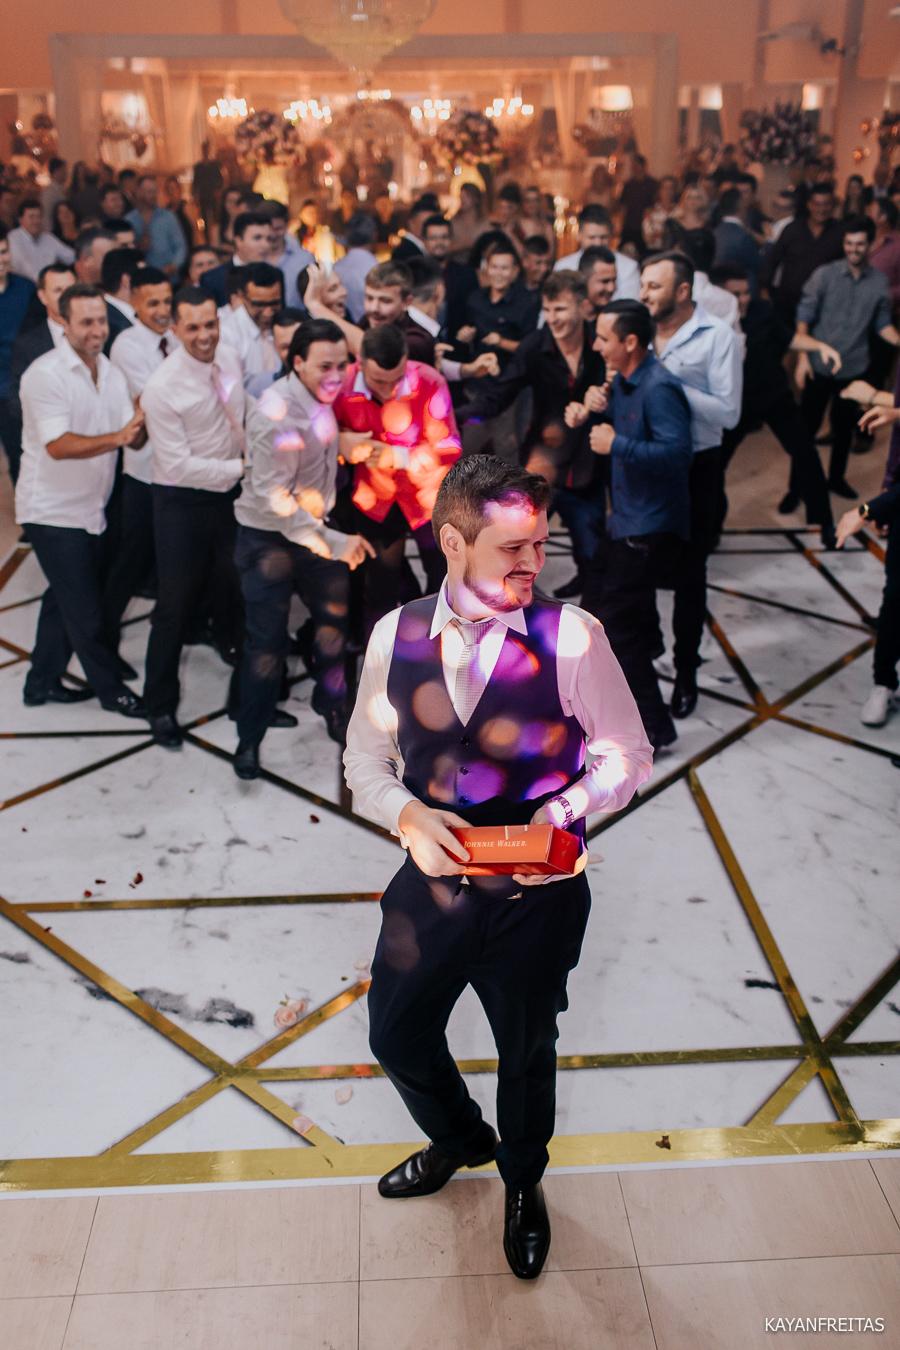 casamento-antonio-carlos-des-0115 Casamento Daniele e Samuel - Antônio Carlos - SC